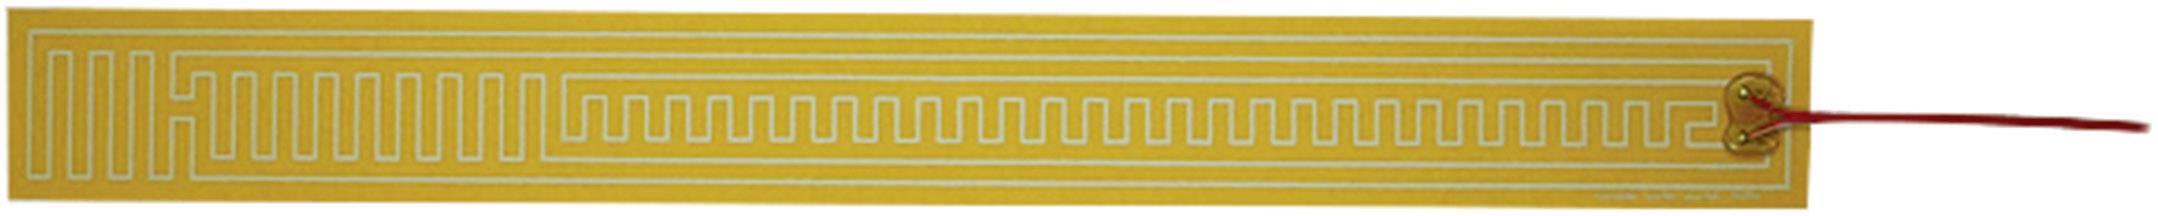 Tepelná fólie samolepicí Thermo 12 V/DC, 12 V/AC, 17 W, krytí IPX4, (d x š) 610 mm x 65 mm